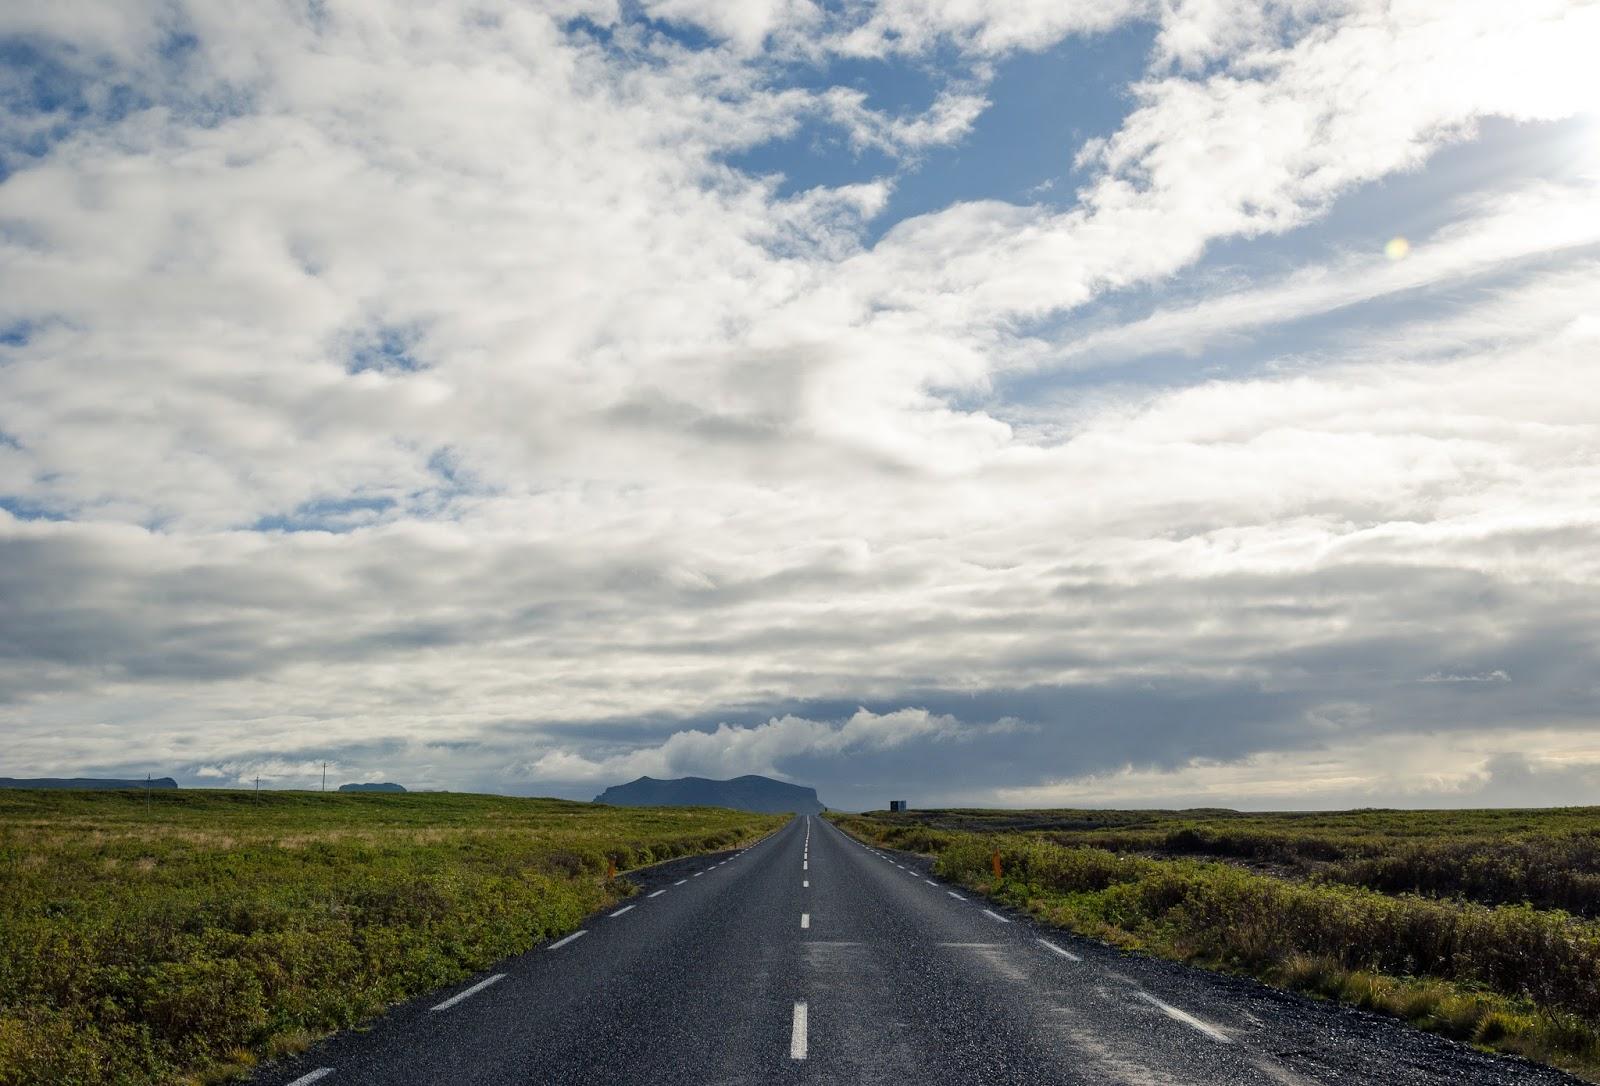 Islandia, droga, pustka, przestrzeń